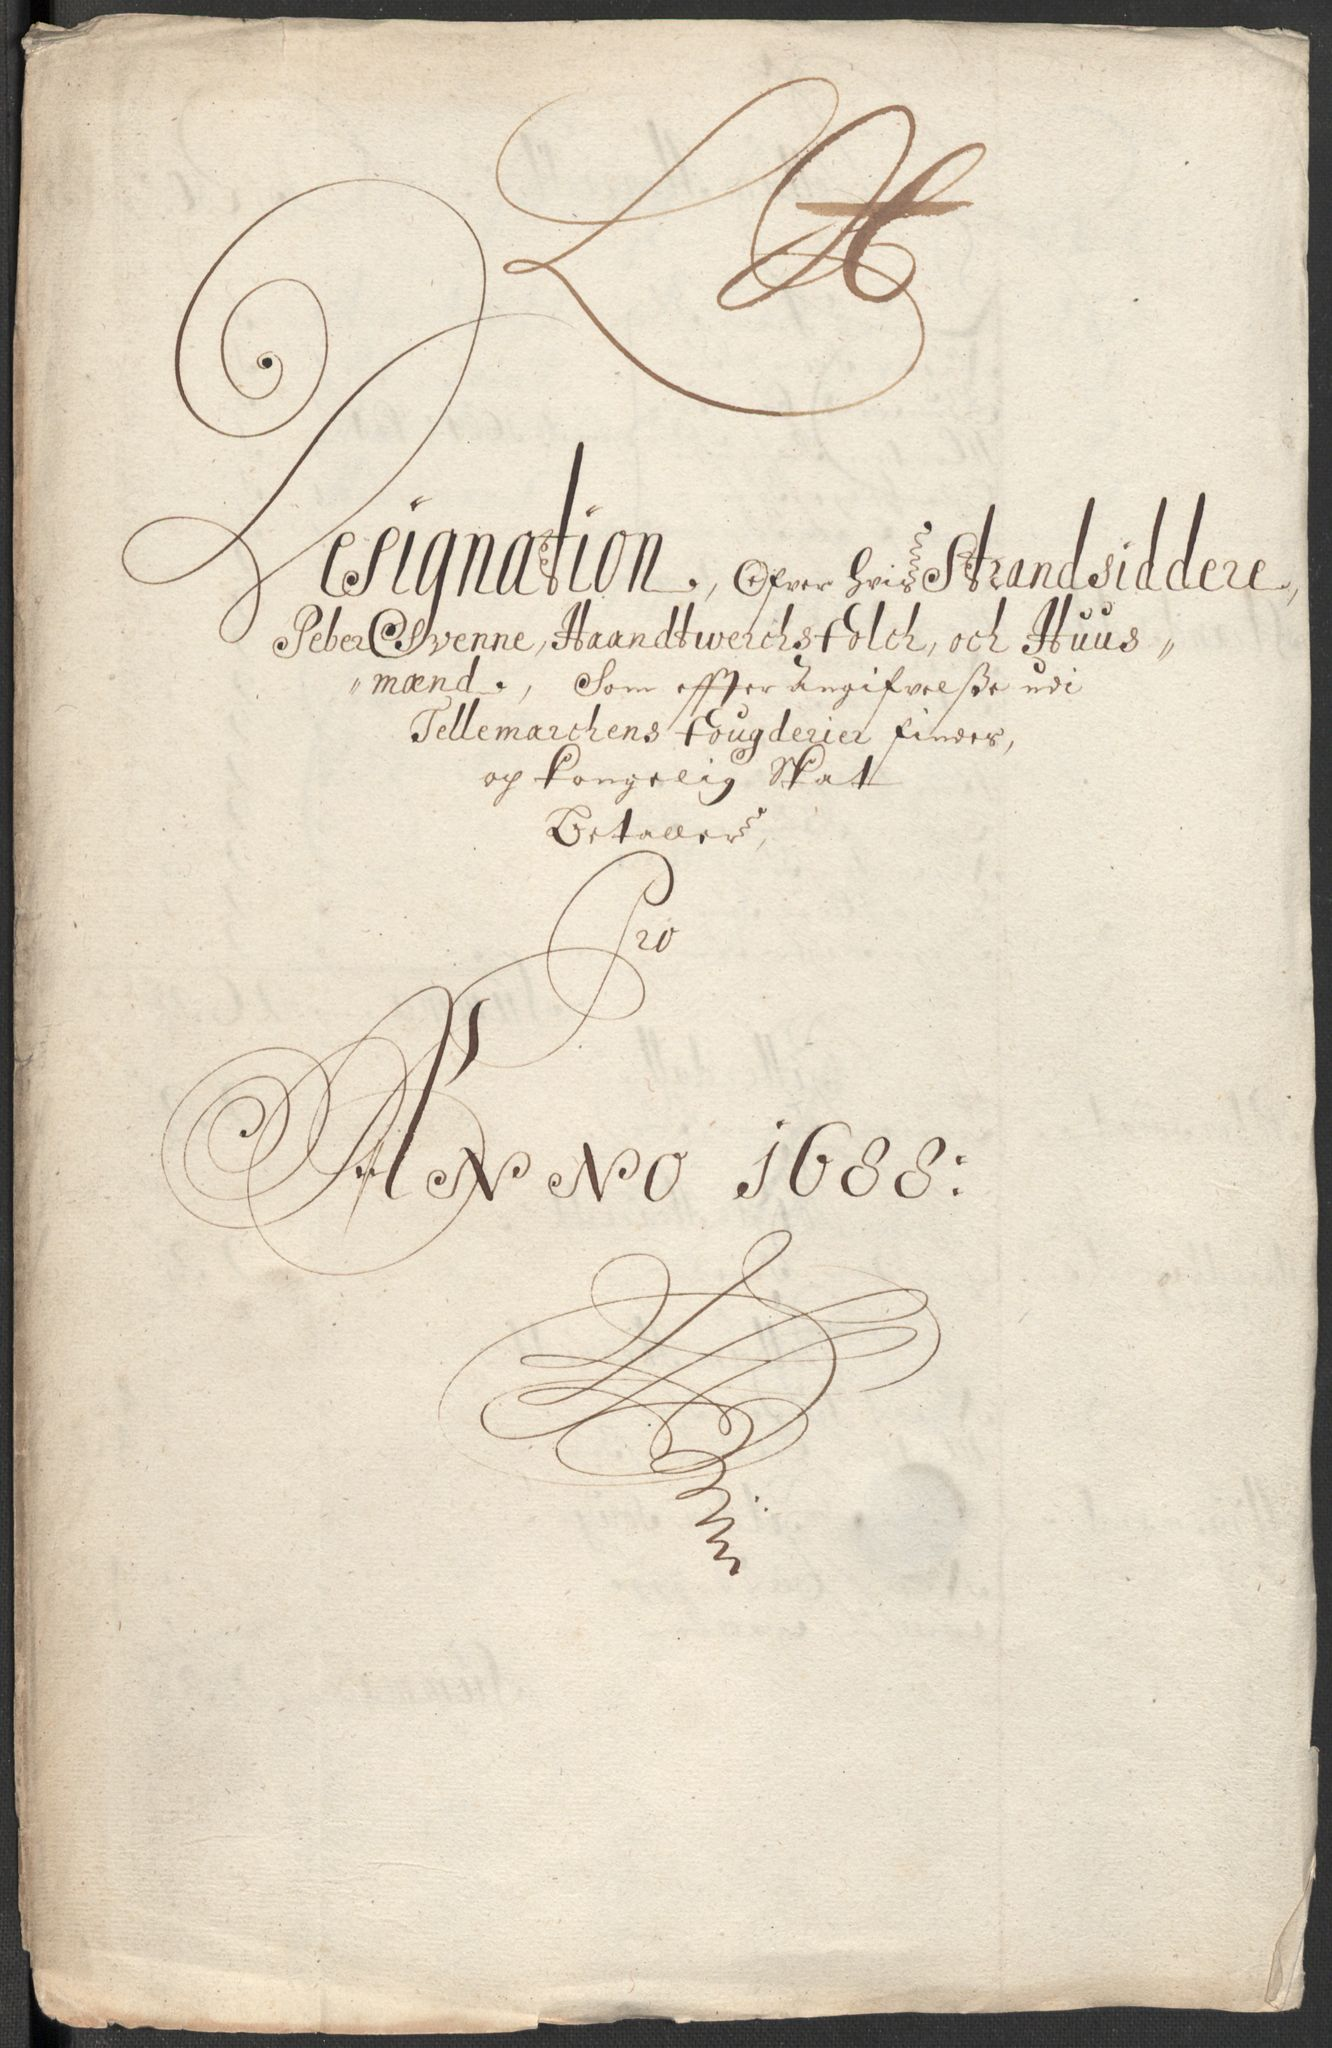 RA, Rentekammeret inntil 1814, Reviderte regnskaper, Fogderegnskap, R35/L2087: Fogderegnskap Øvre og Nedre Telemark, 1687-1689, s. 329